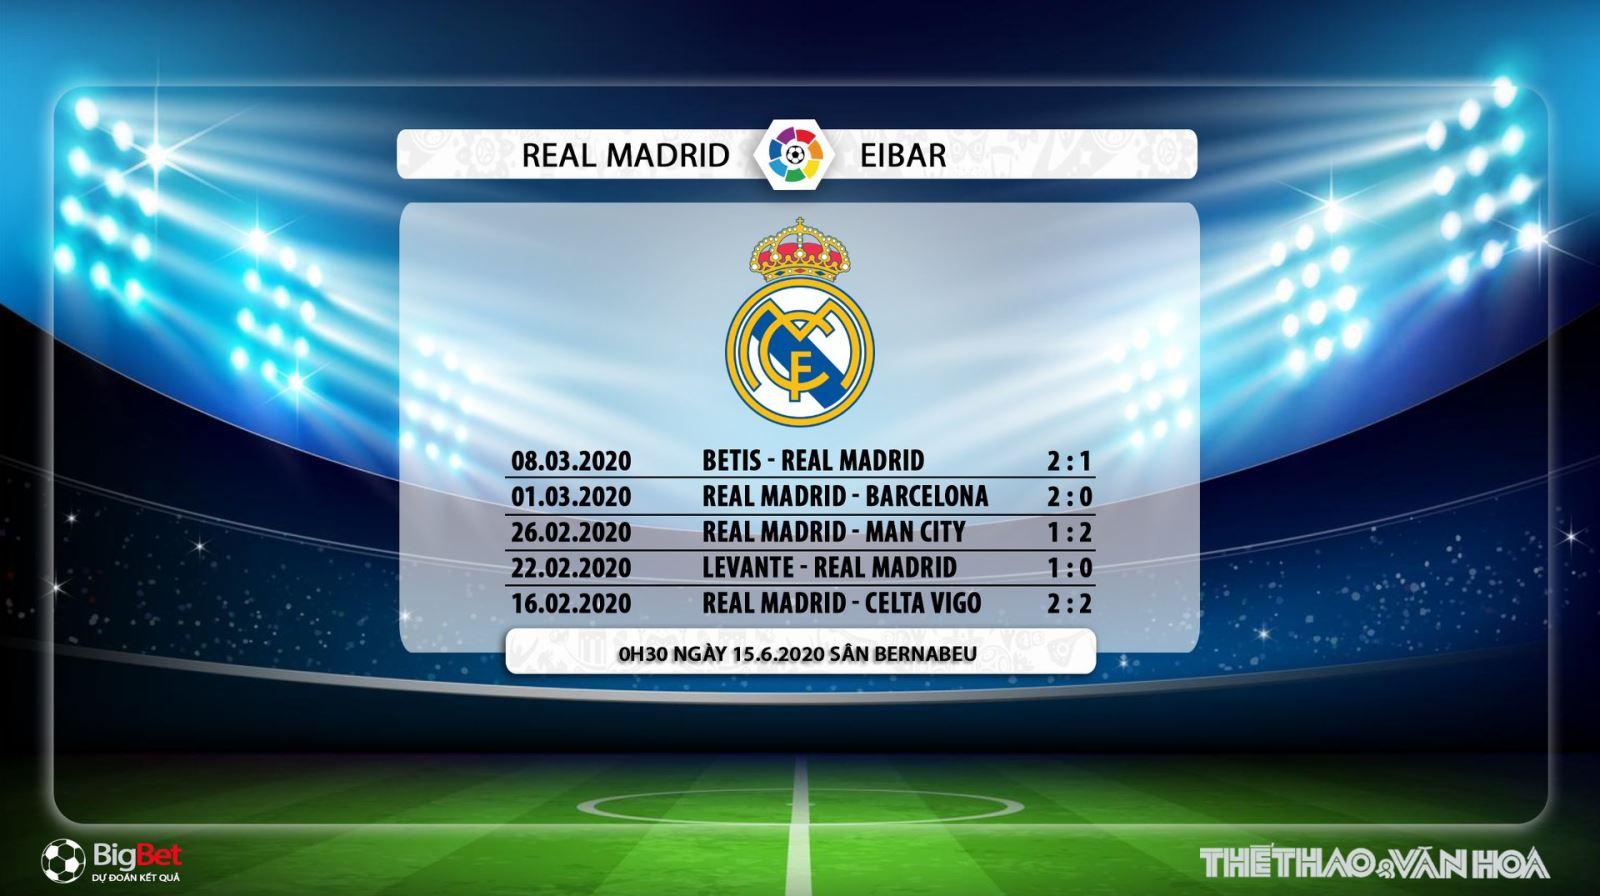 Real Madrid vs Eibar, Real Madrid, Eibar, soi kèo, nhận định, dự đoán, kèo bóng đá, La Liga